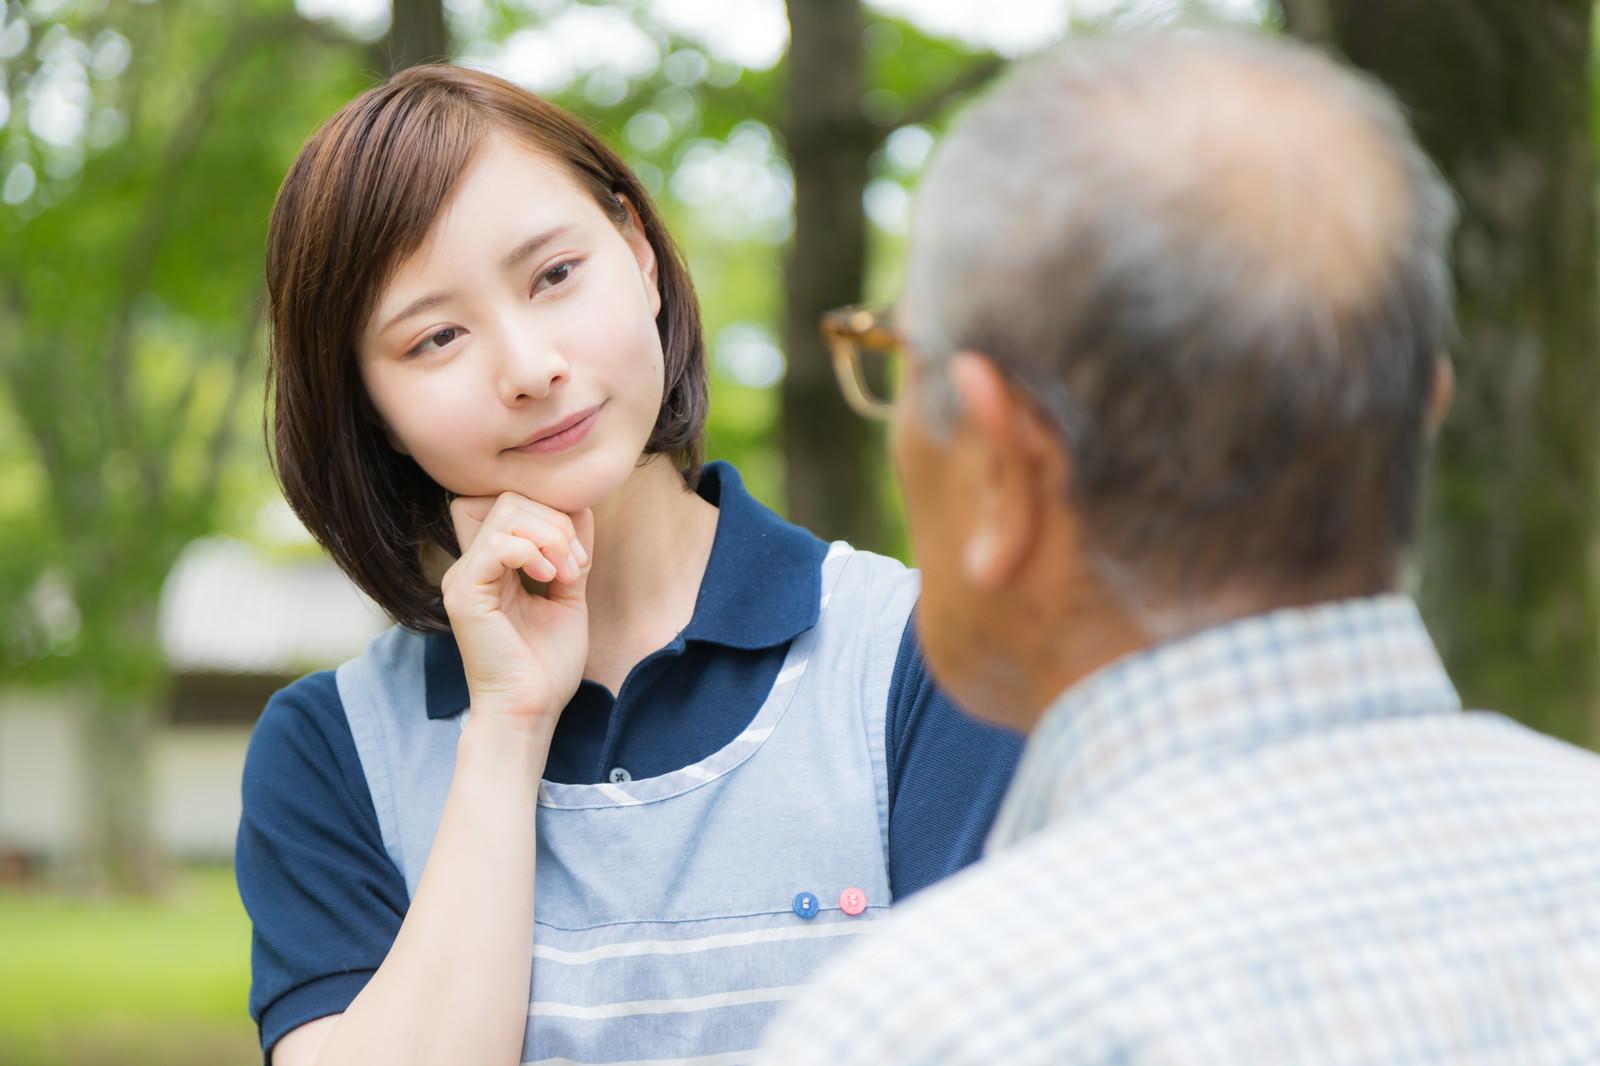 「頑固な老人と対話する介護士の女性」の写真[モデル:yumiko まーちゃん]